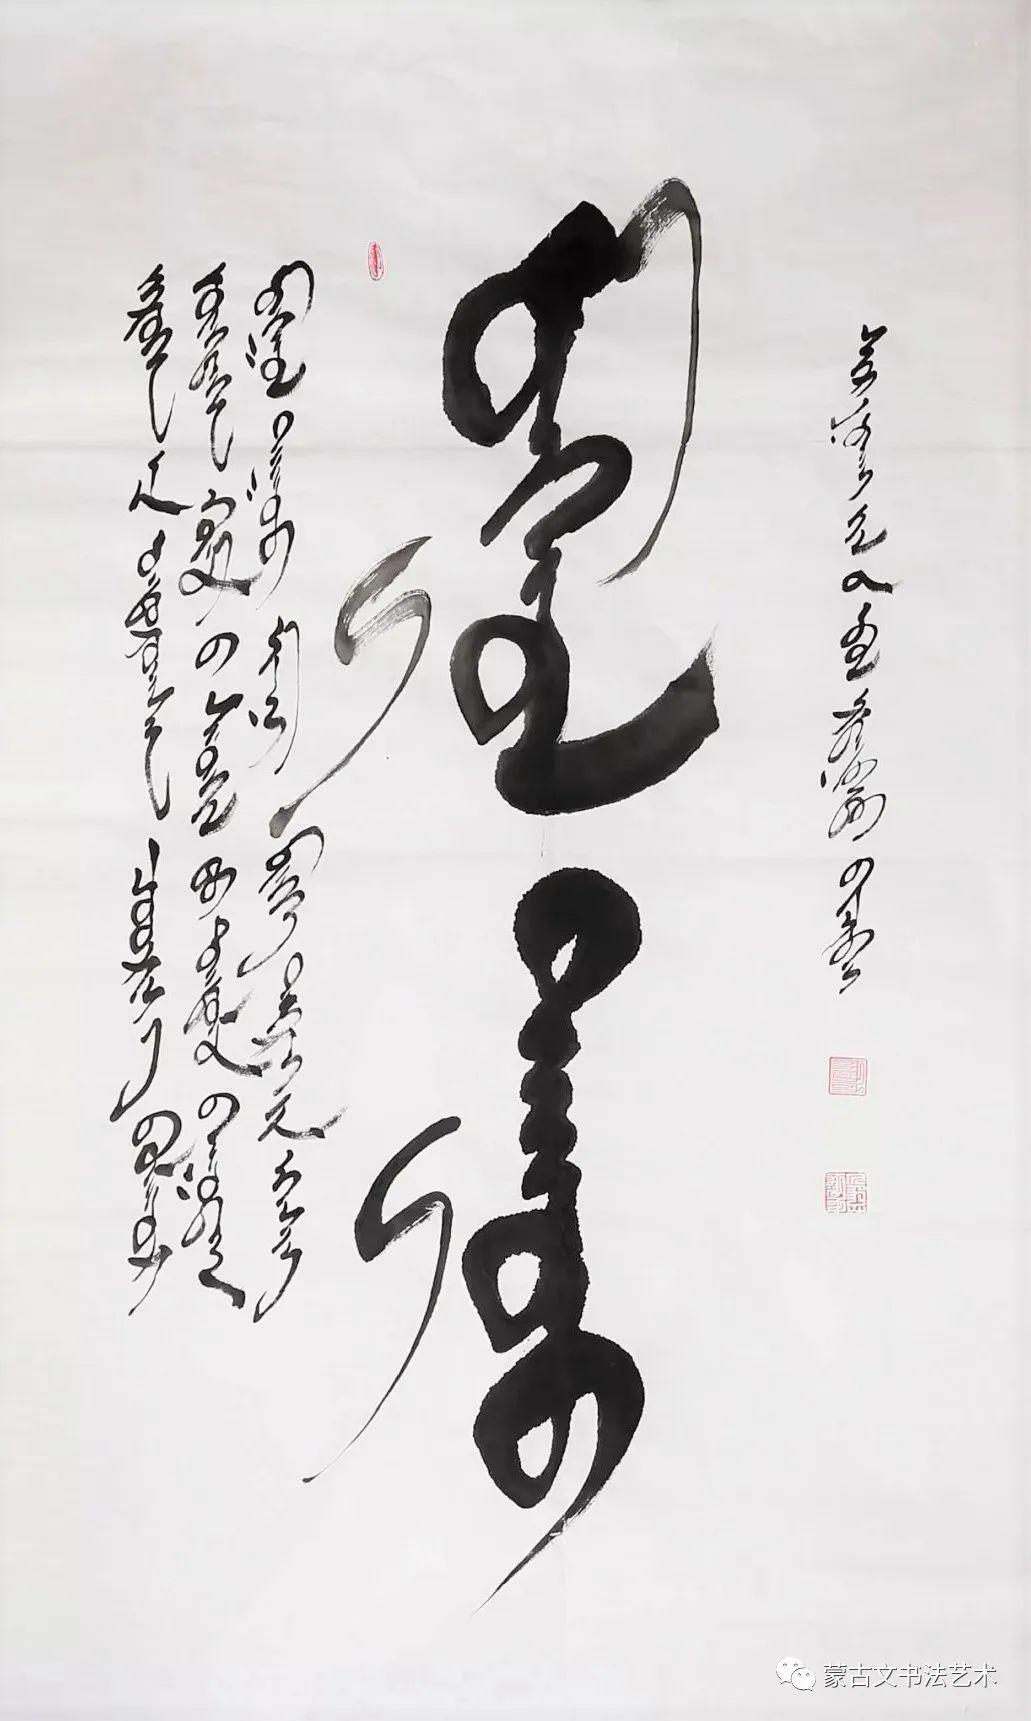 额尔敦巴图蒙古文书法 第4张